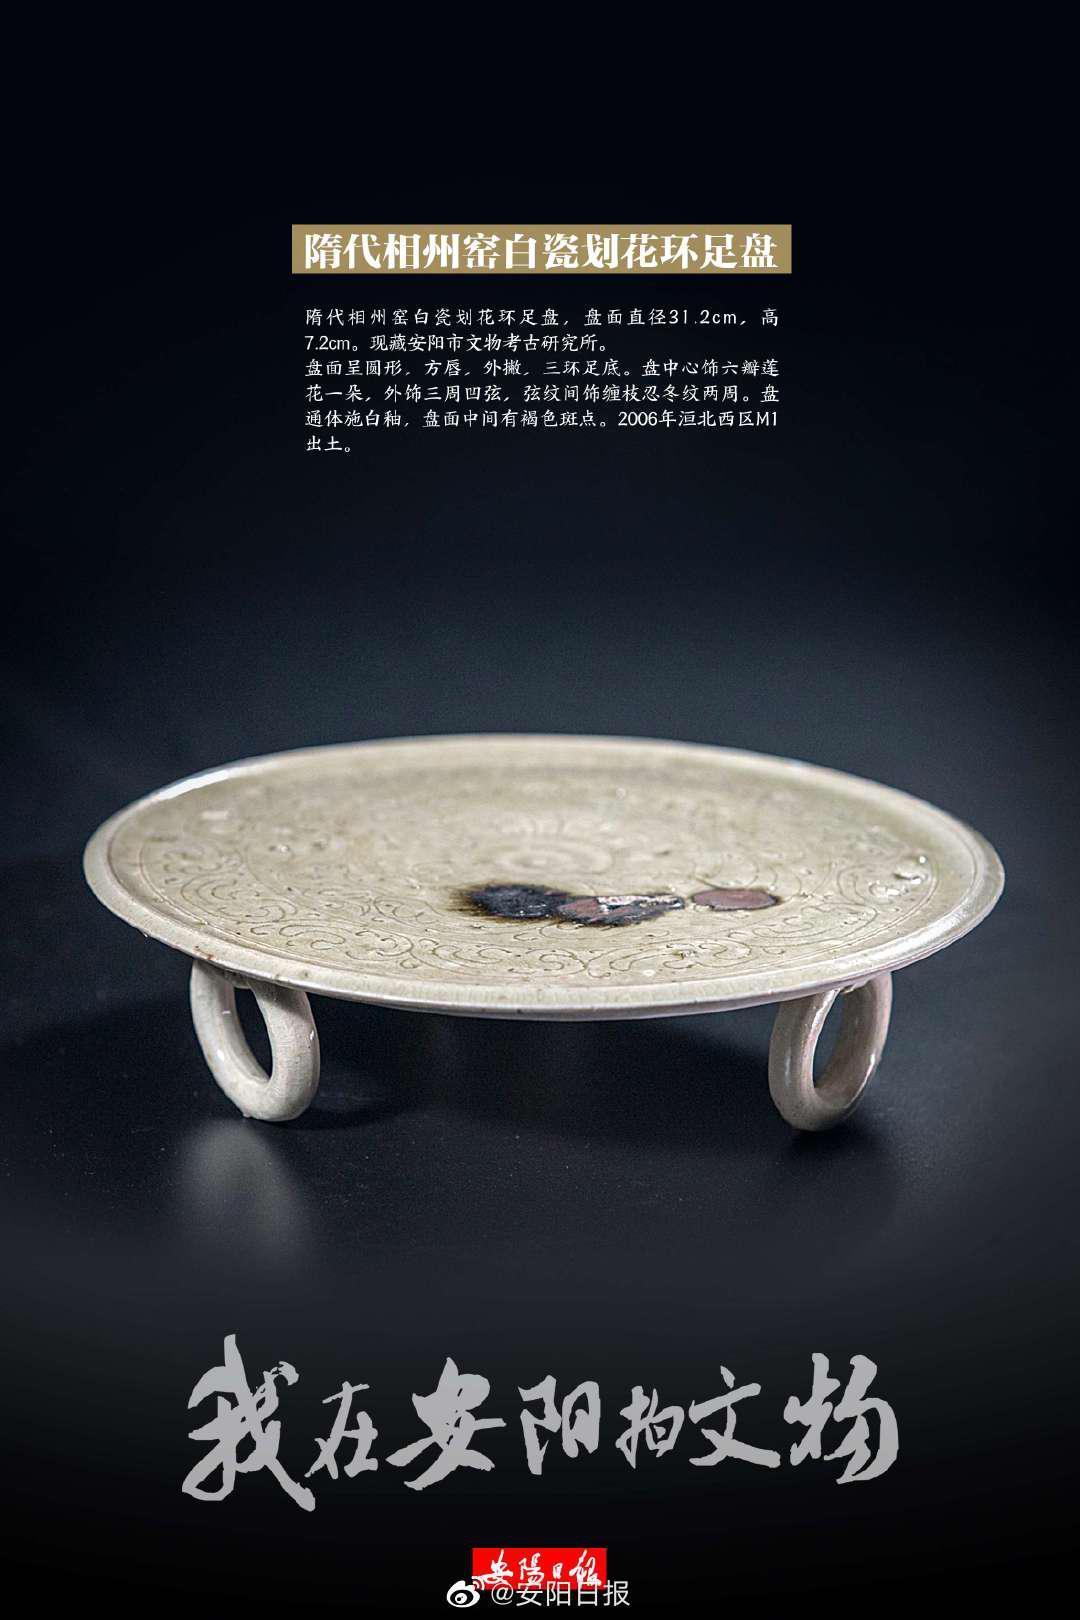 我在安阳拍文物 隋代相州窑白瓷划花环足盘